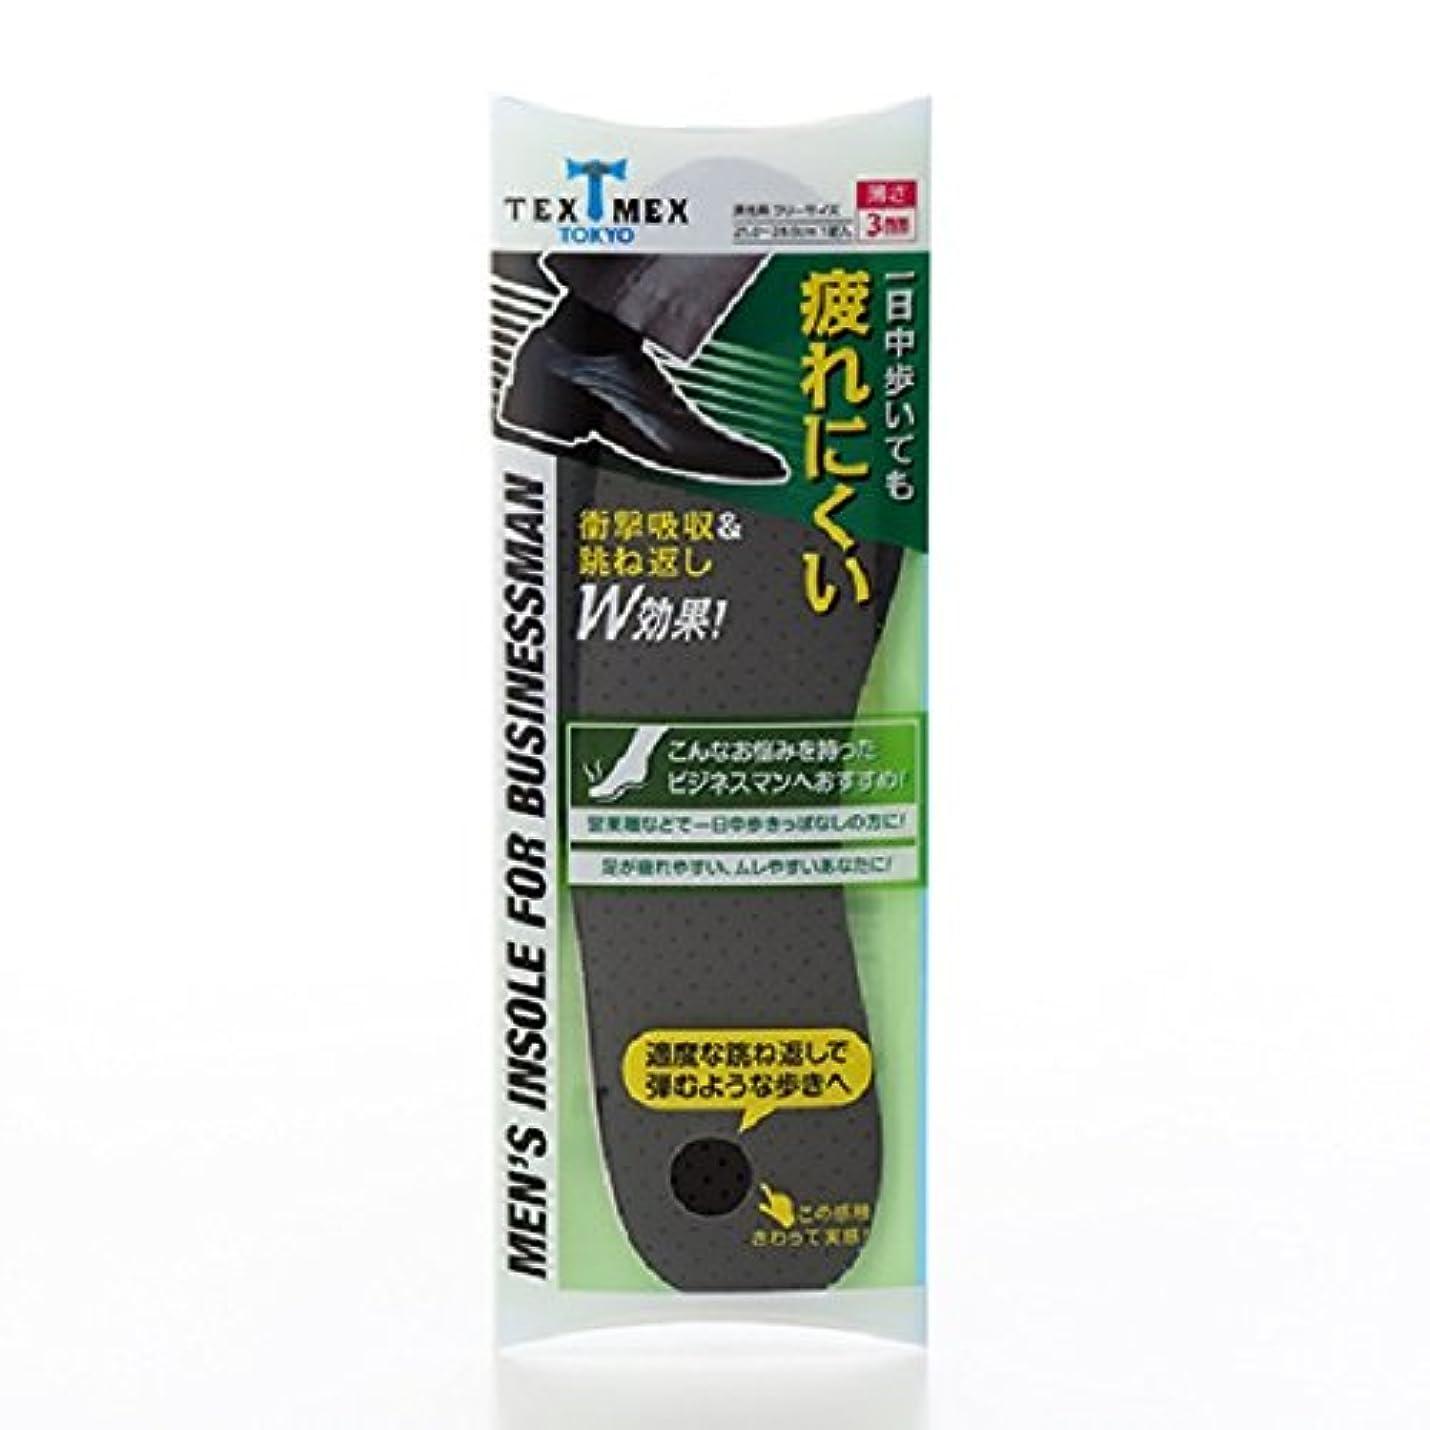 自由テンション陸軍テックスメックス 衝撃吸収メンズインソール 1足分 25cm~28cm (男性用インソール) 【足の疲れや痛み、ムレ対策に】